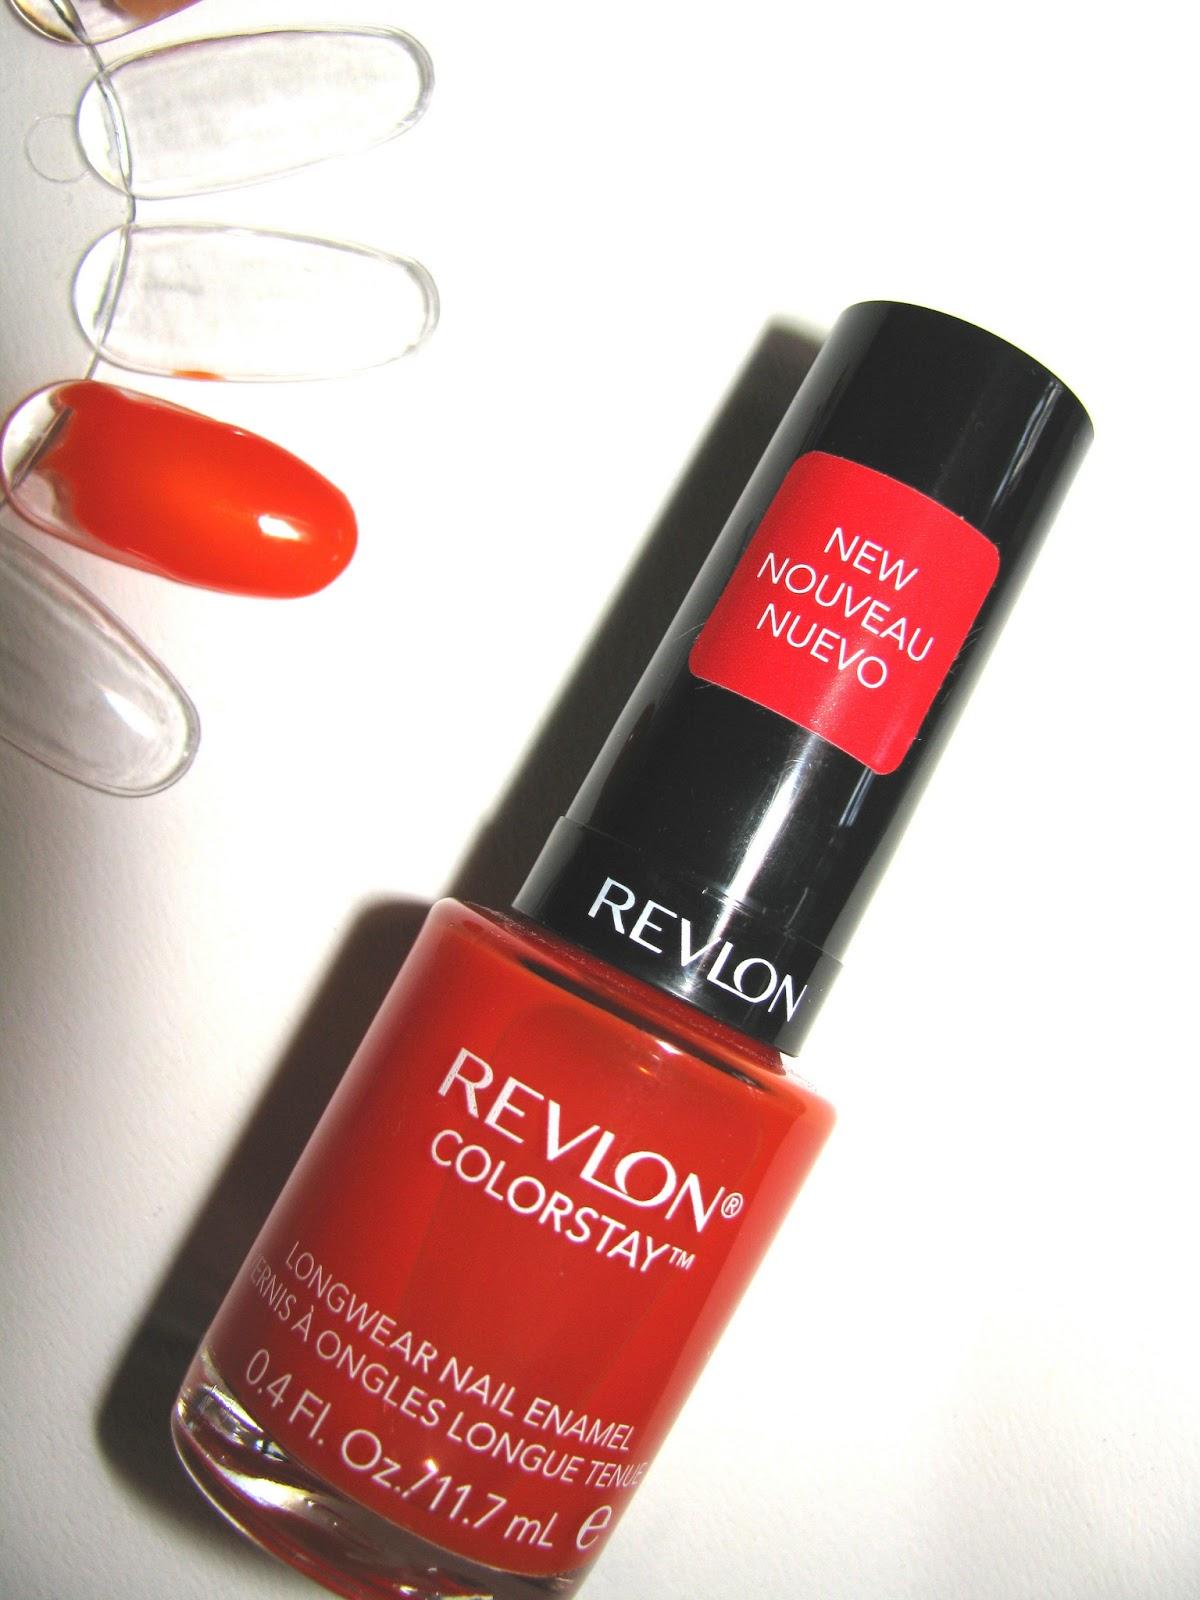 The Beauty Alchemist Revlon Colorstay Nail Enamel In